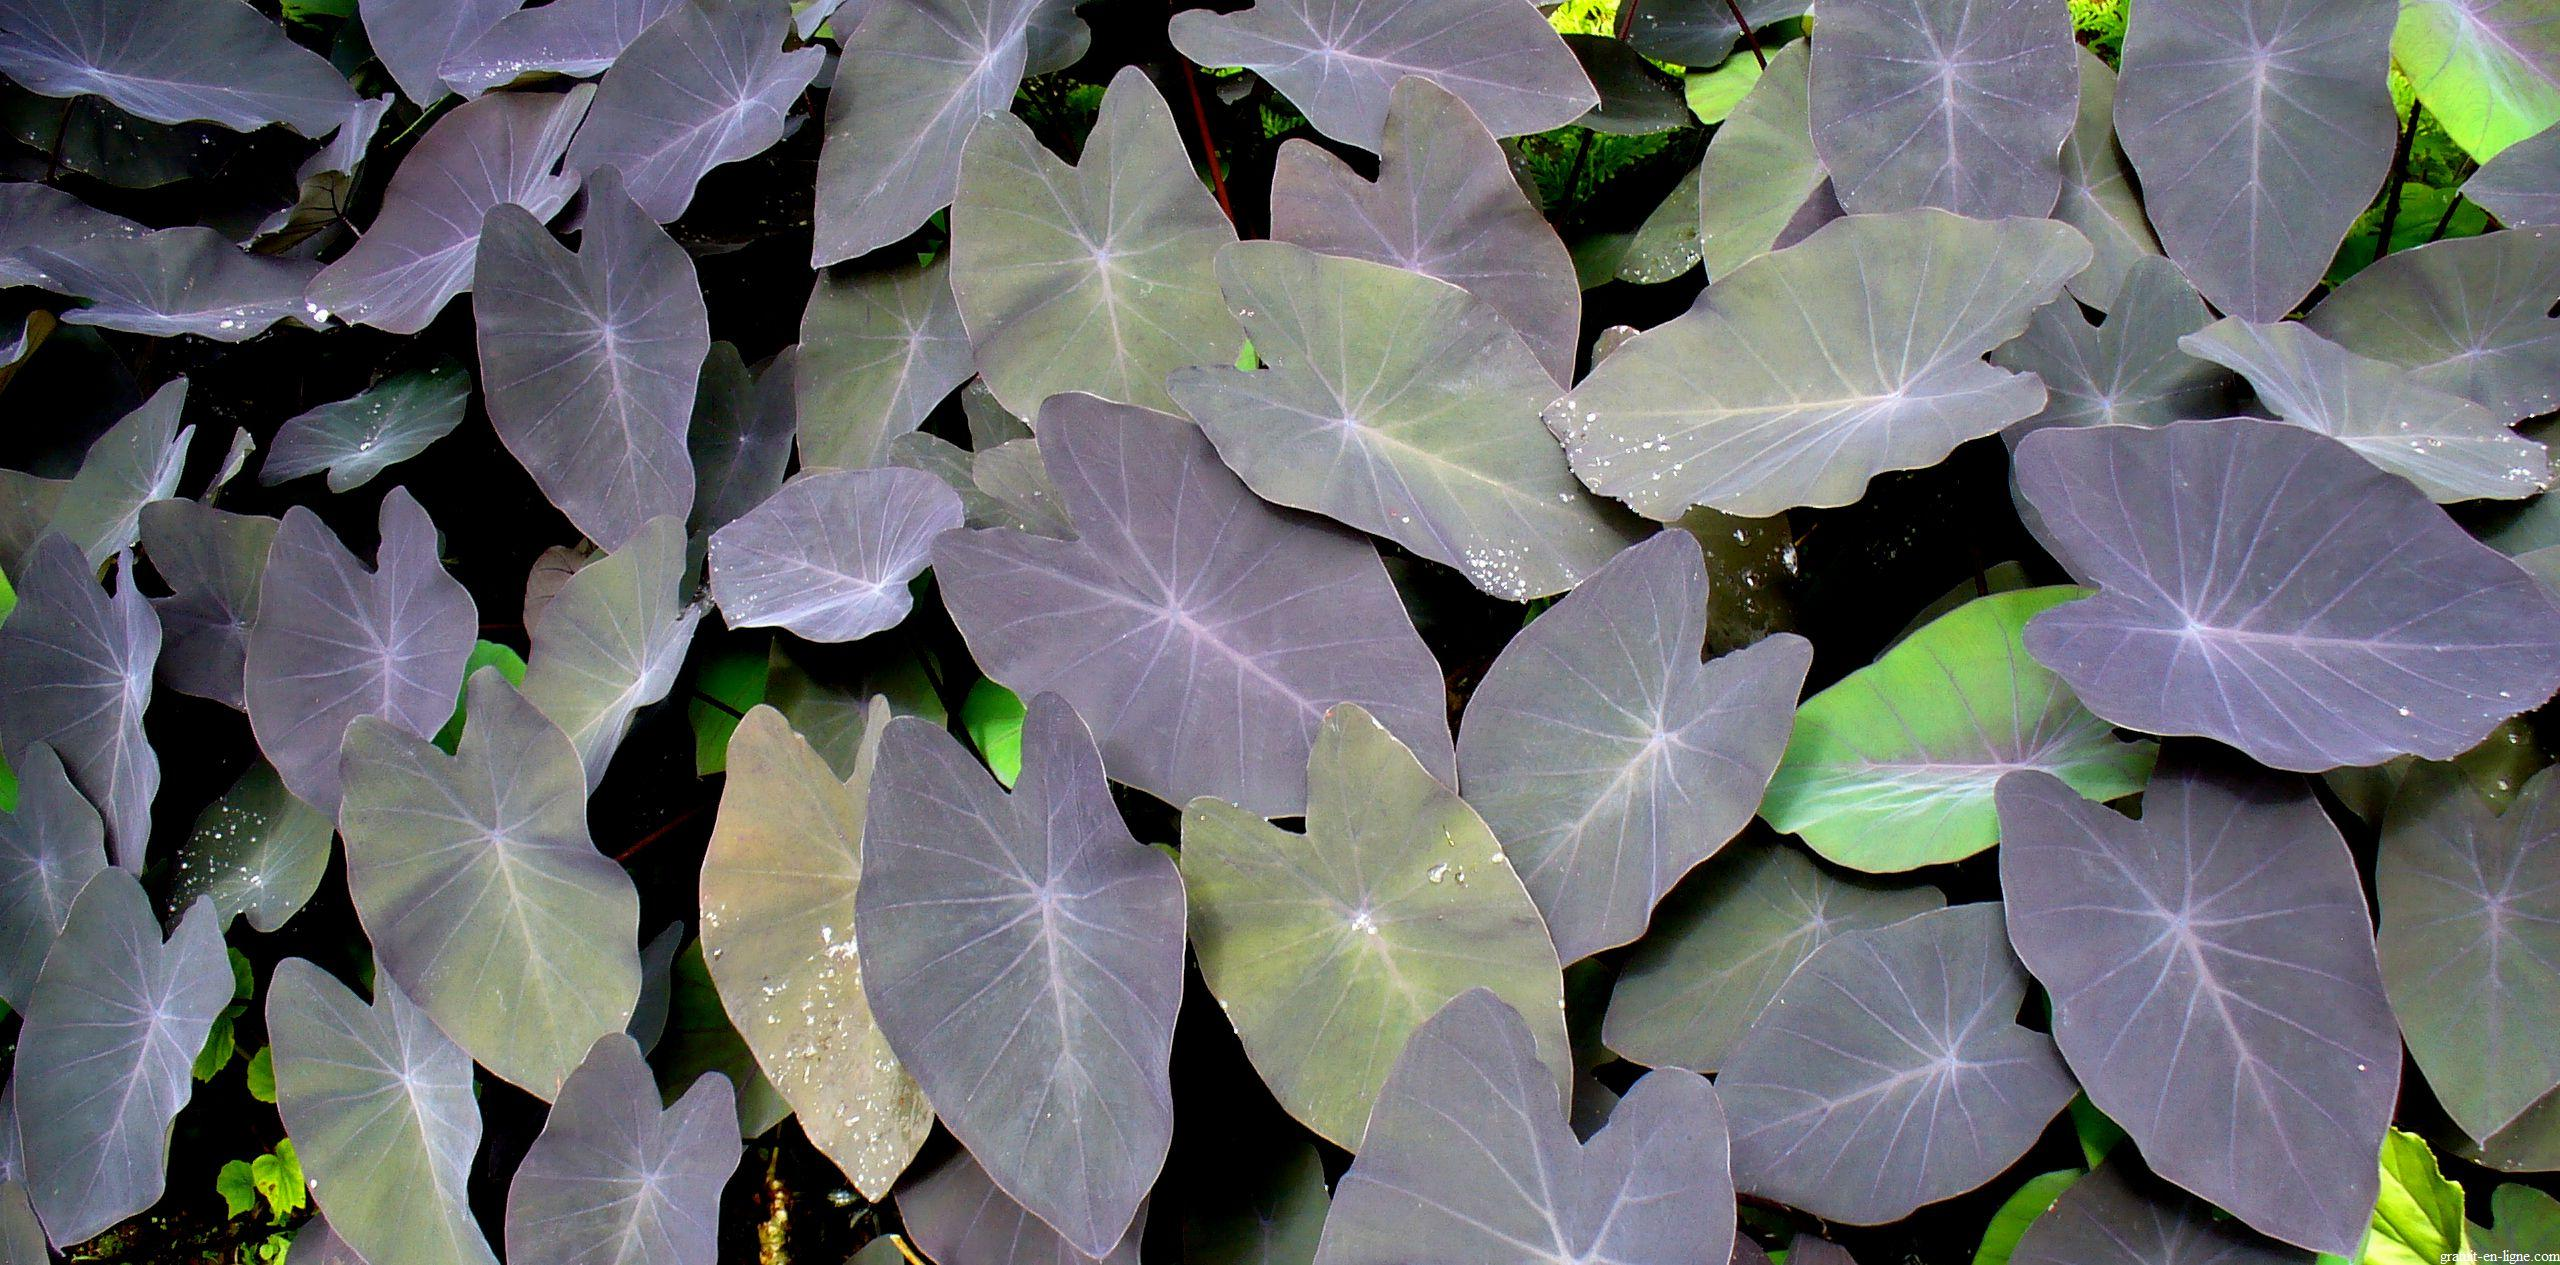 Image wallpaper fleur et plante gratuit hd en ligne for Plante 5 feuilles